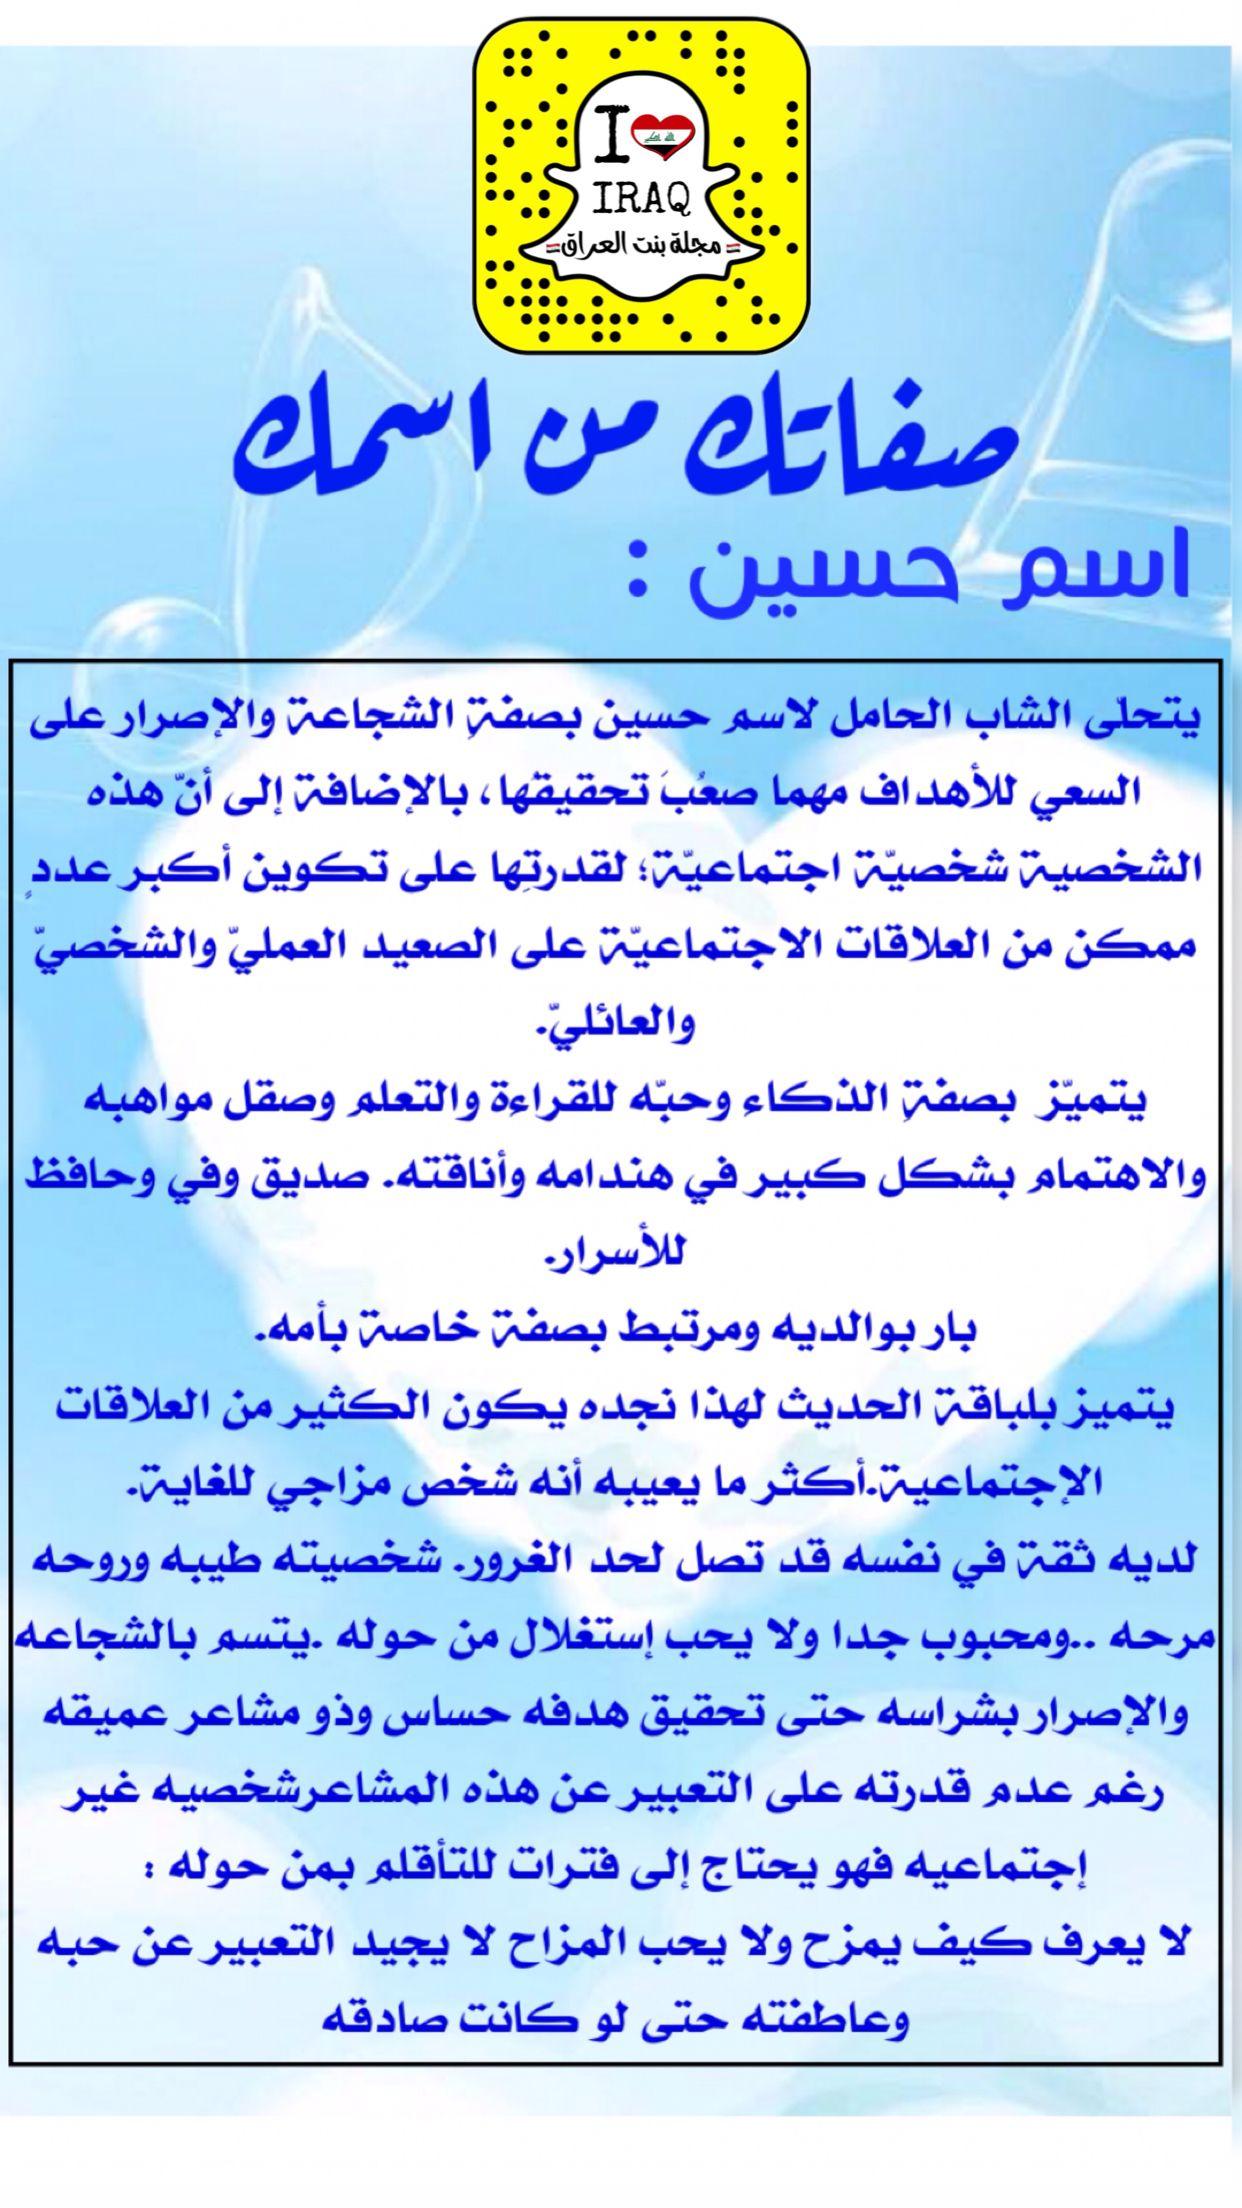 صفات اسم حسين Ios Messenger Iraq